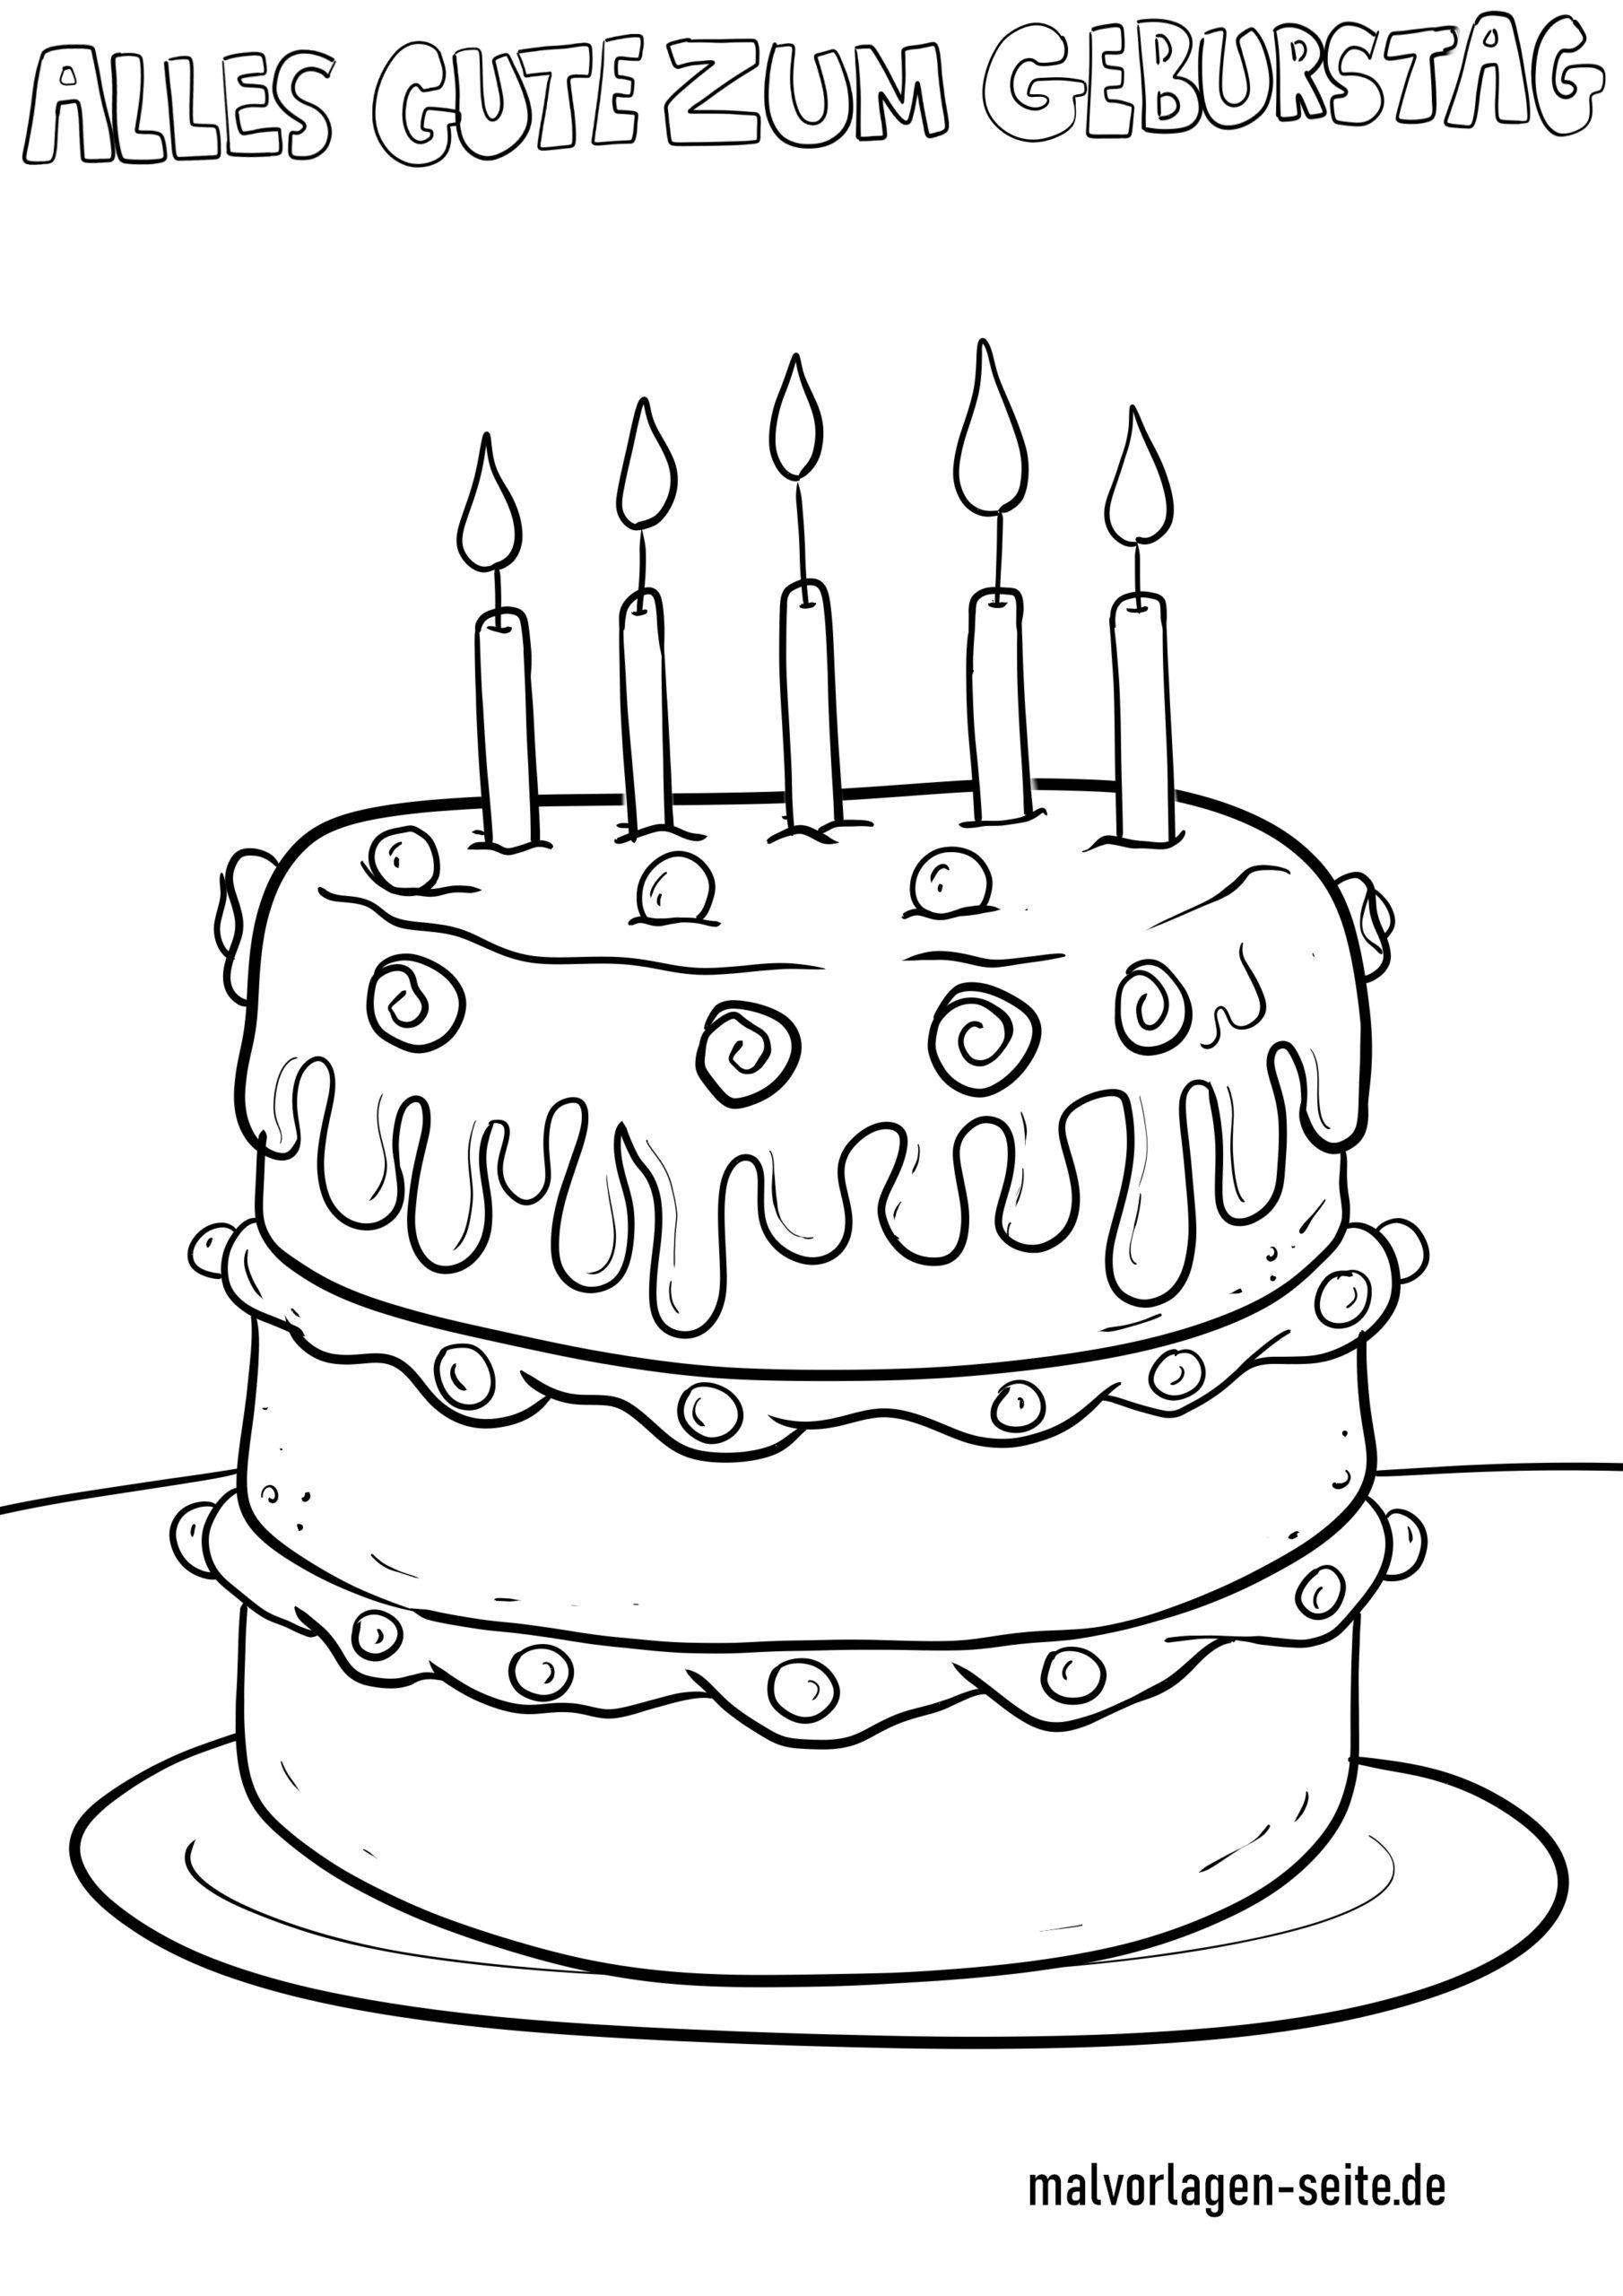 Malvorlage Alles Gute Zum Geburtstag - Ausmalbilder für Ausmalbilder Geburtstag